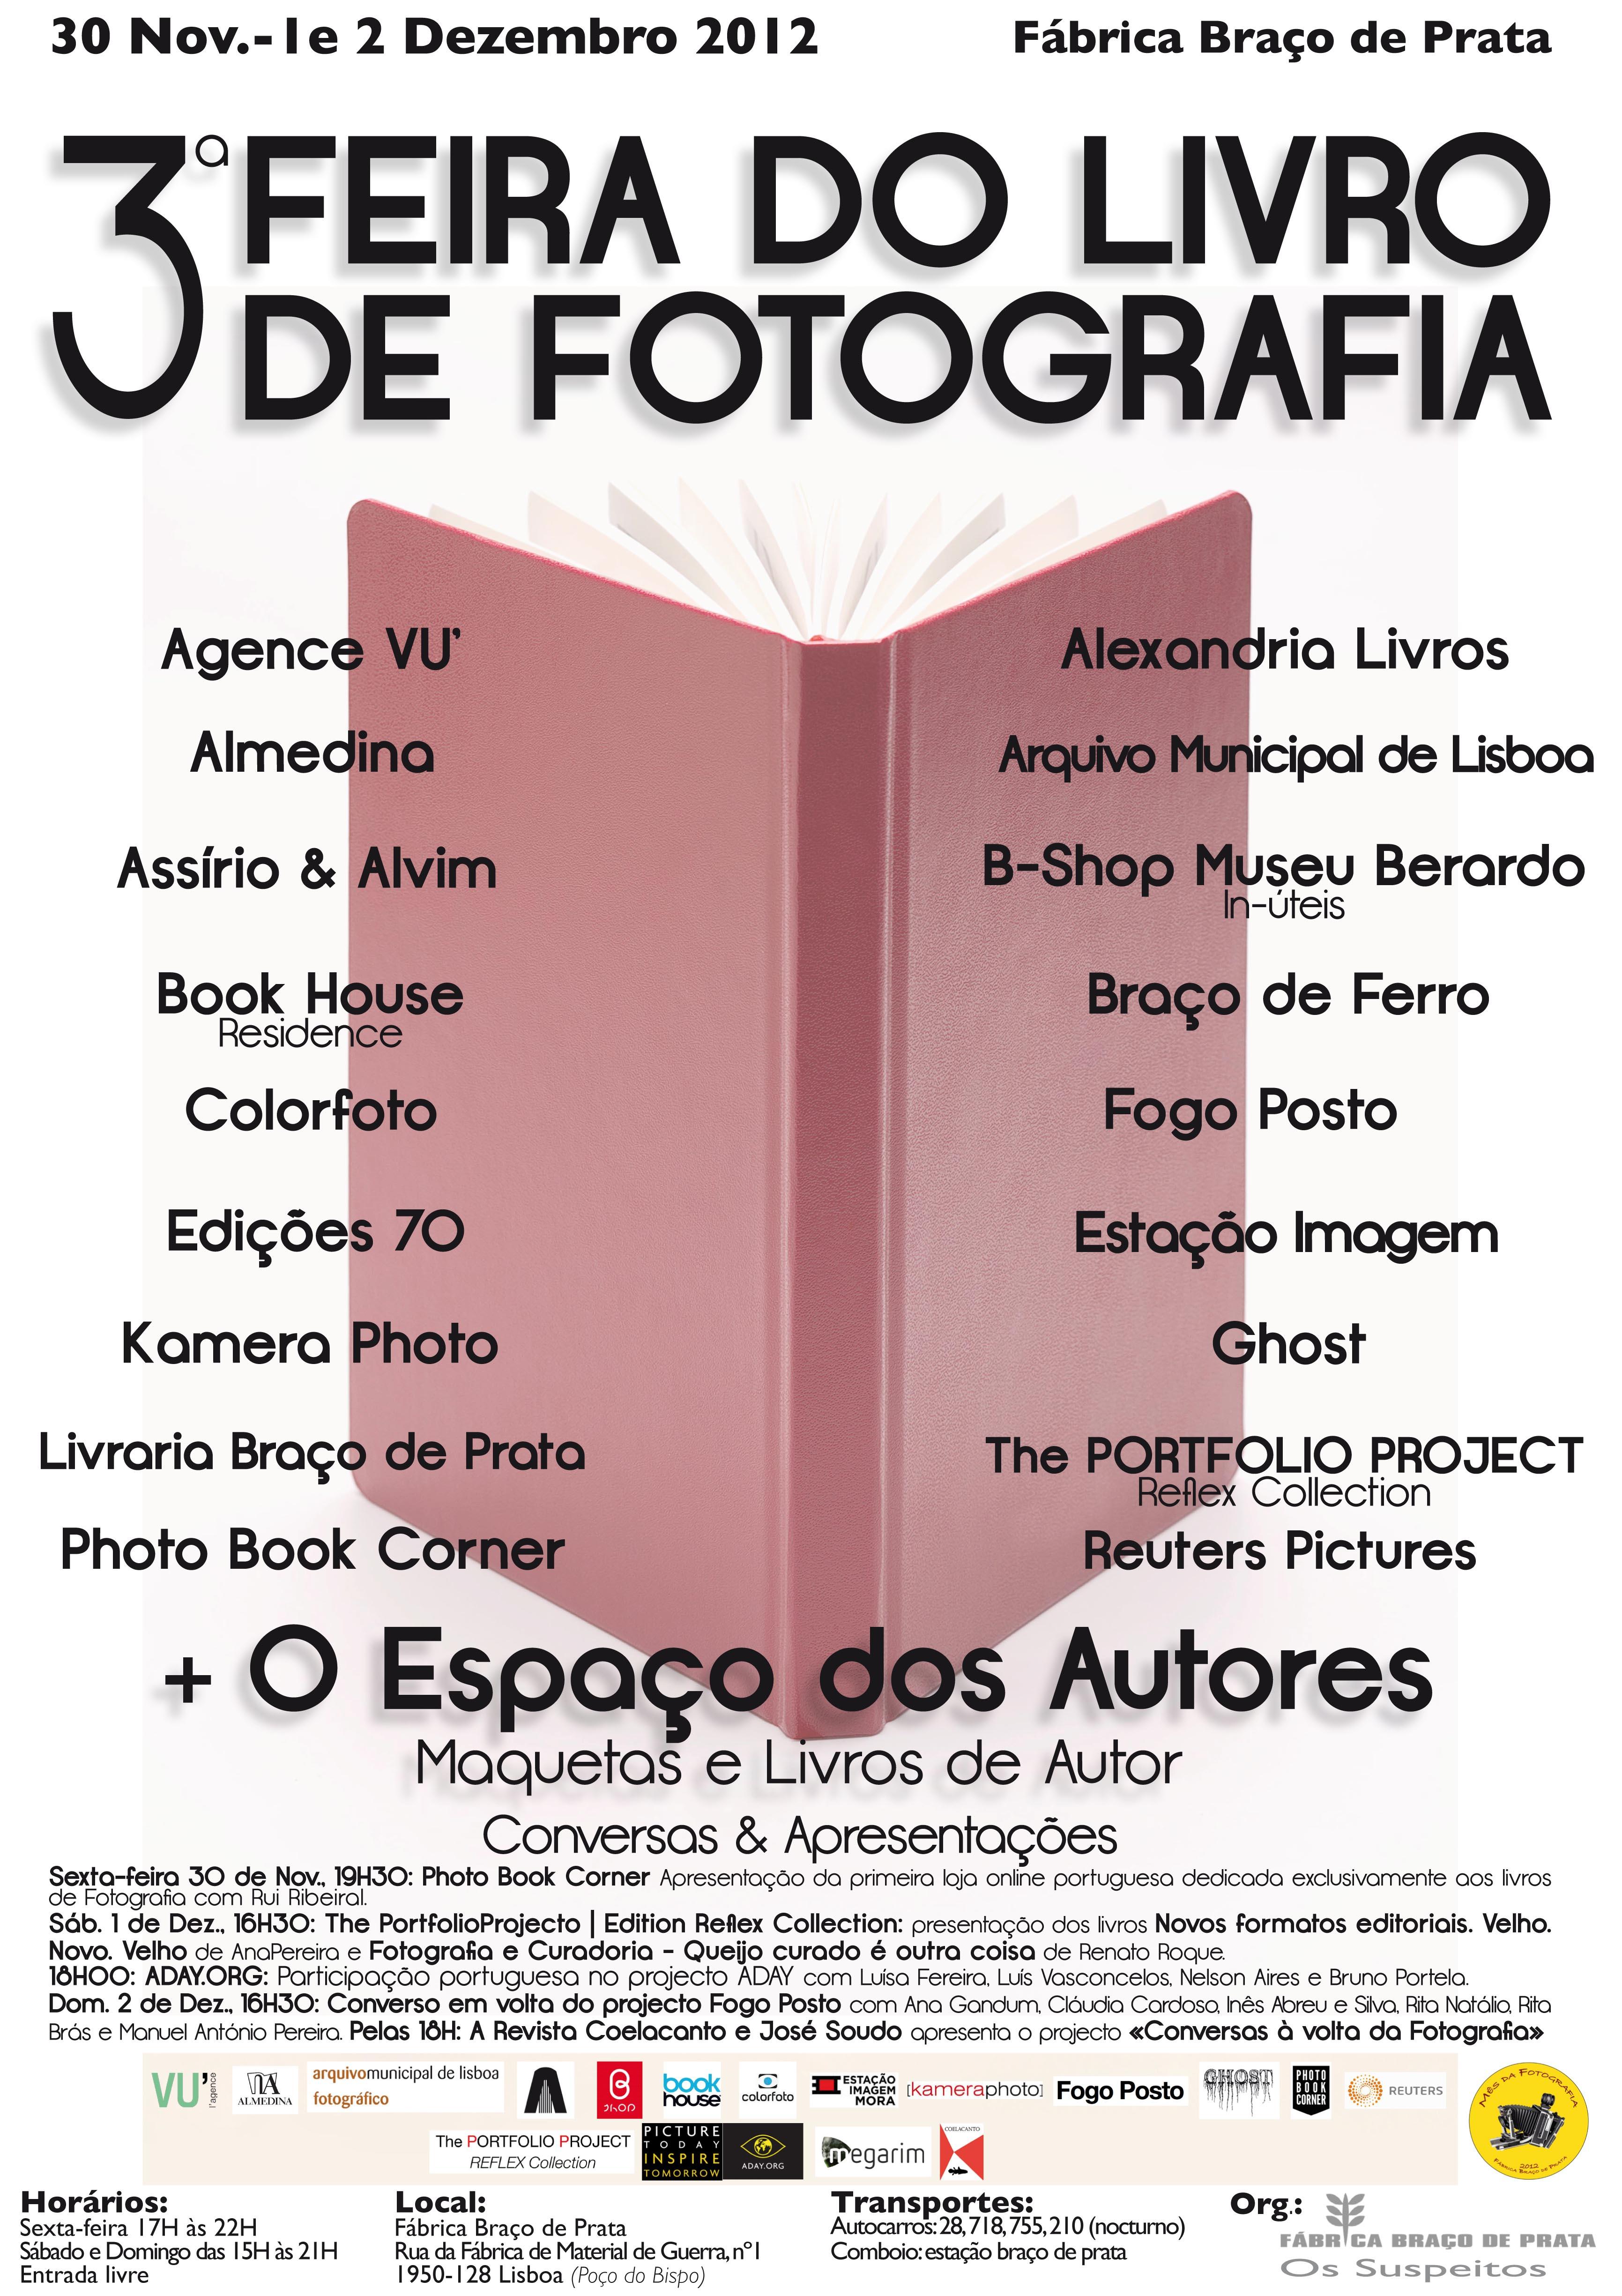 Cartaz Feira do Livro de Fotografia 2012ok